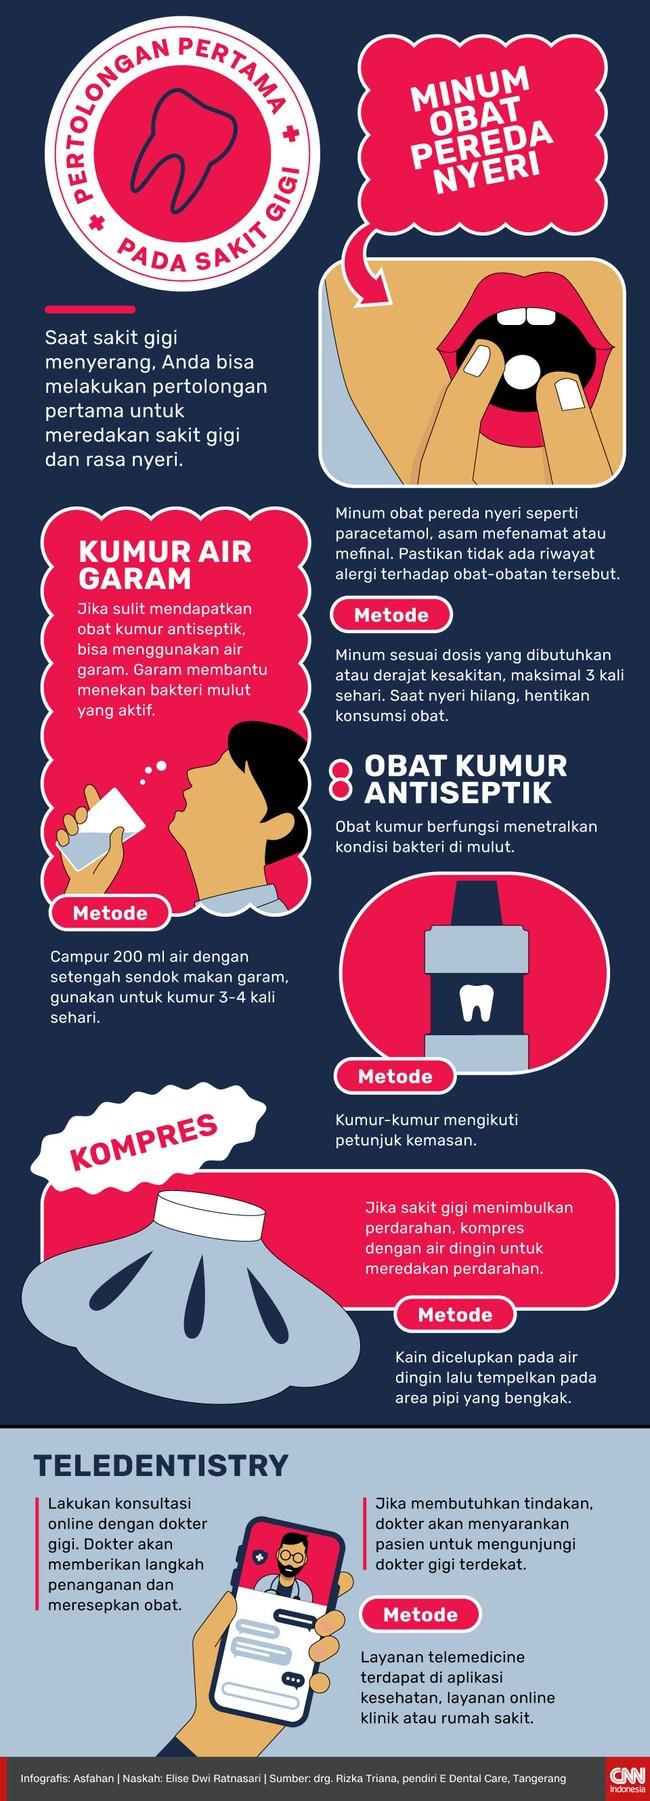 Saat sakit gigi menyerang, Anda bisa melakukan pertolongan pertama untuk meredakan sakit gigi dan rasa nyeri sebagai berikut.